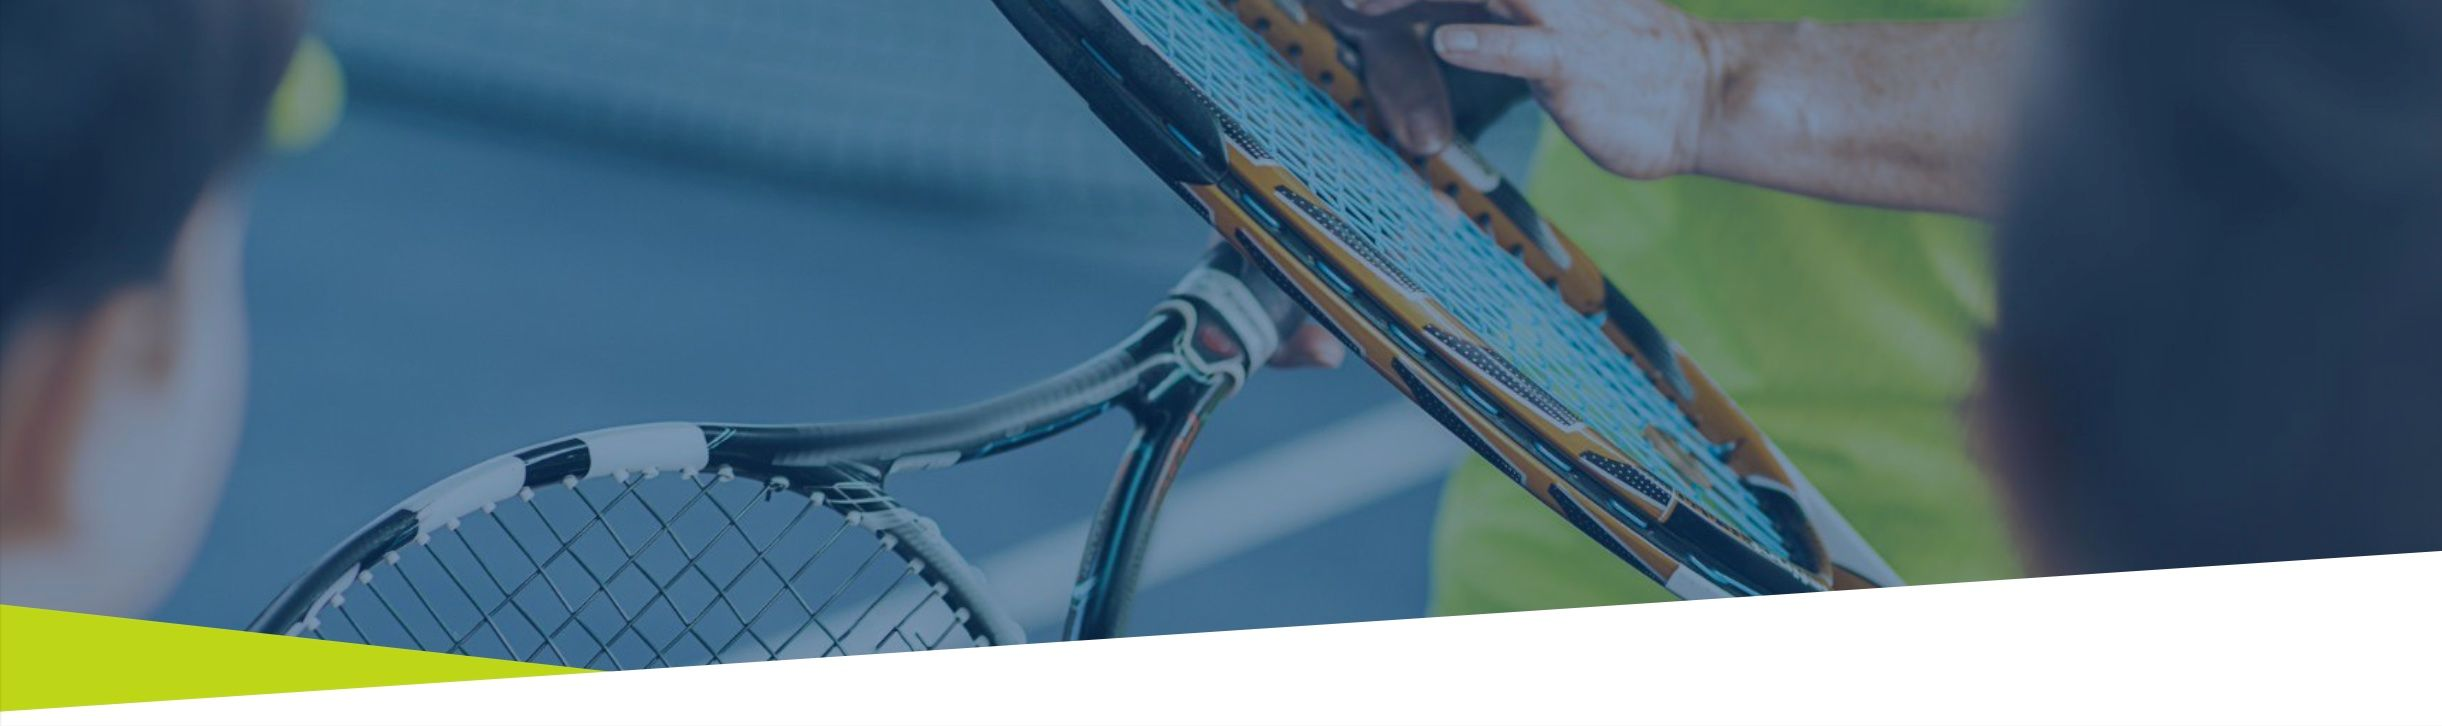 colorado tennis.jpg